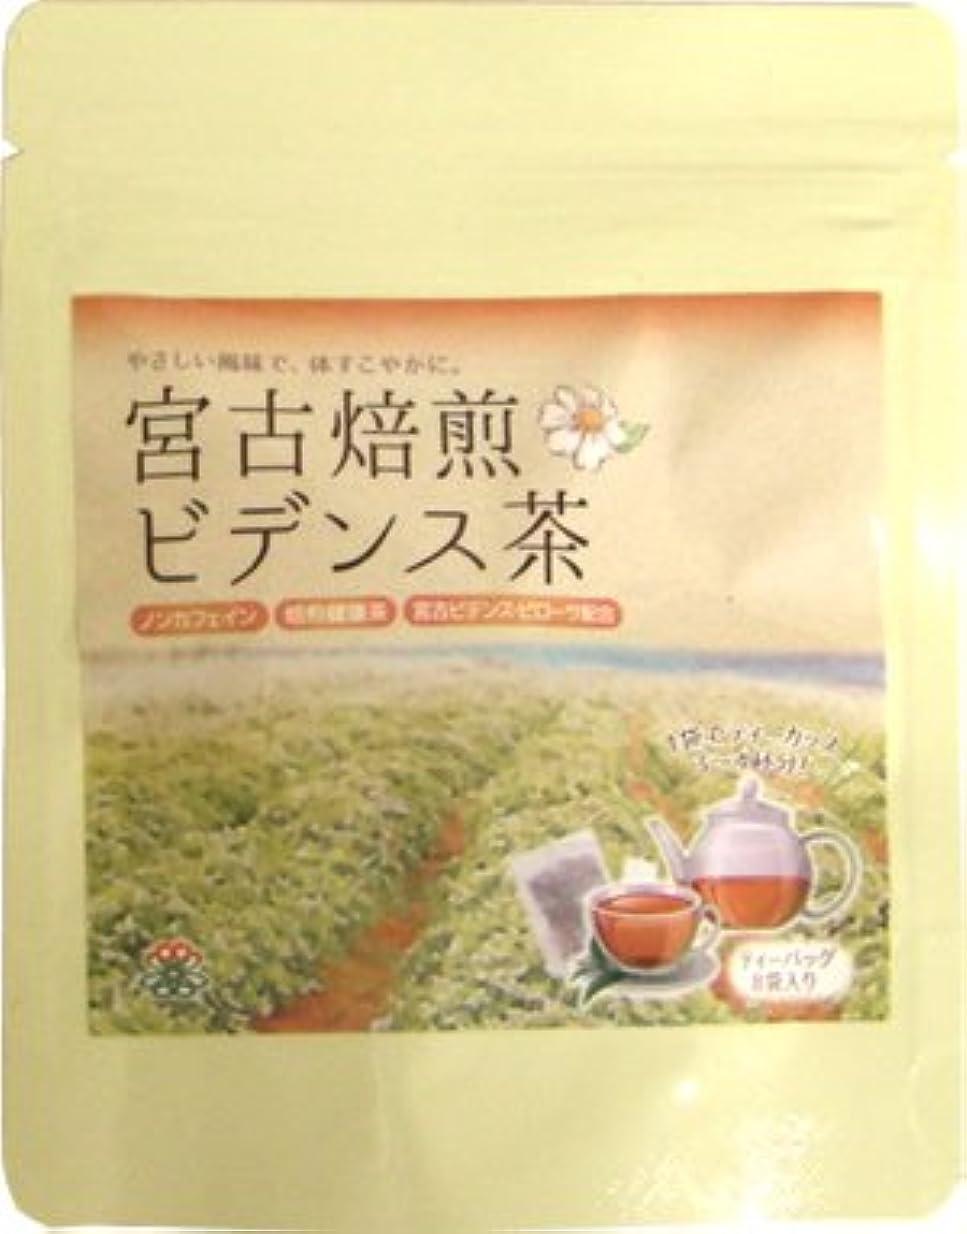 松蜜少なくとも宮古焙煎ビデンス茶 2g×8袋入り